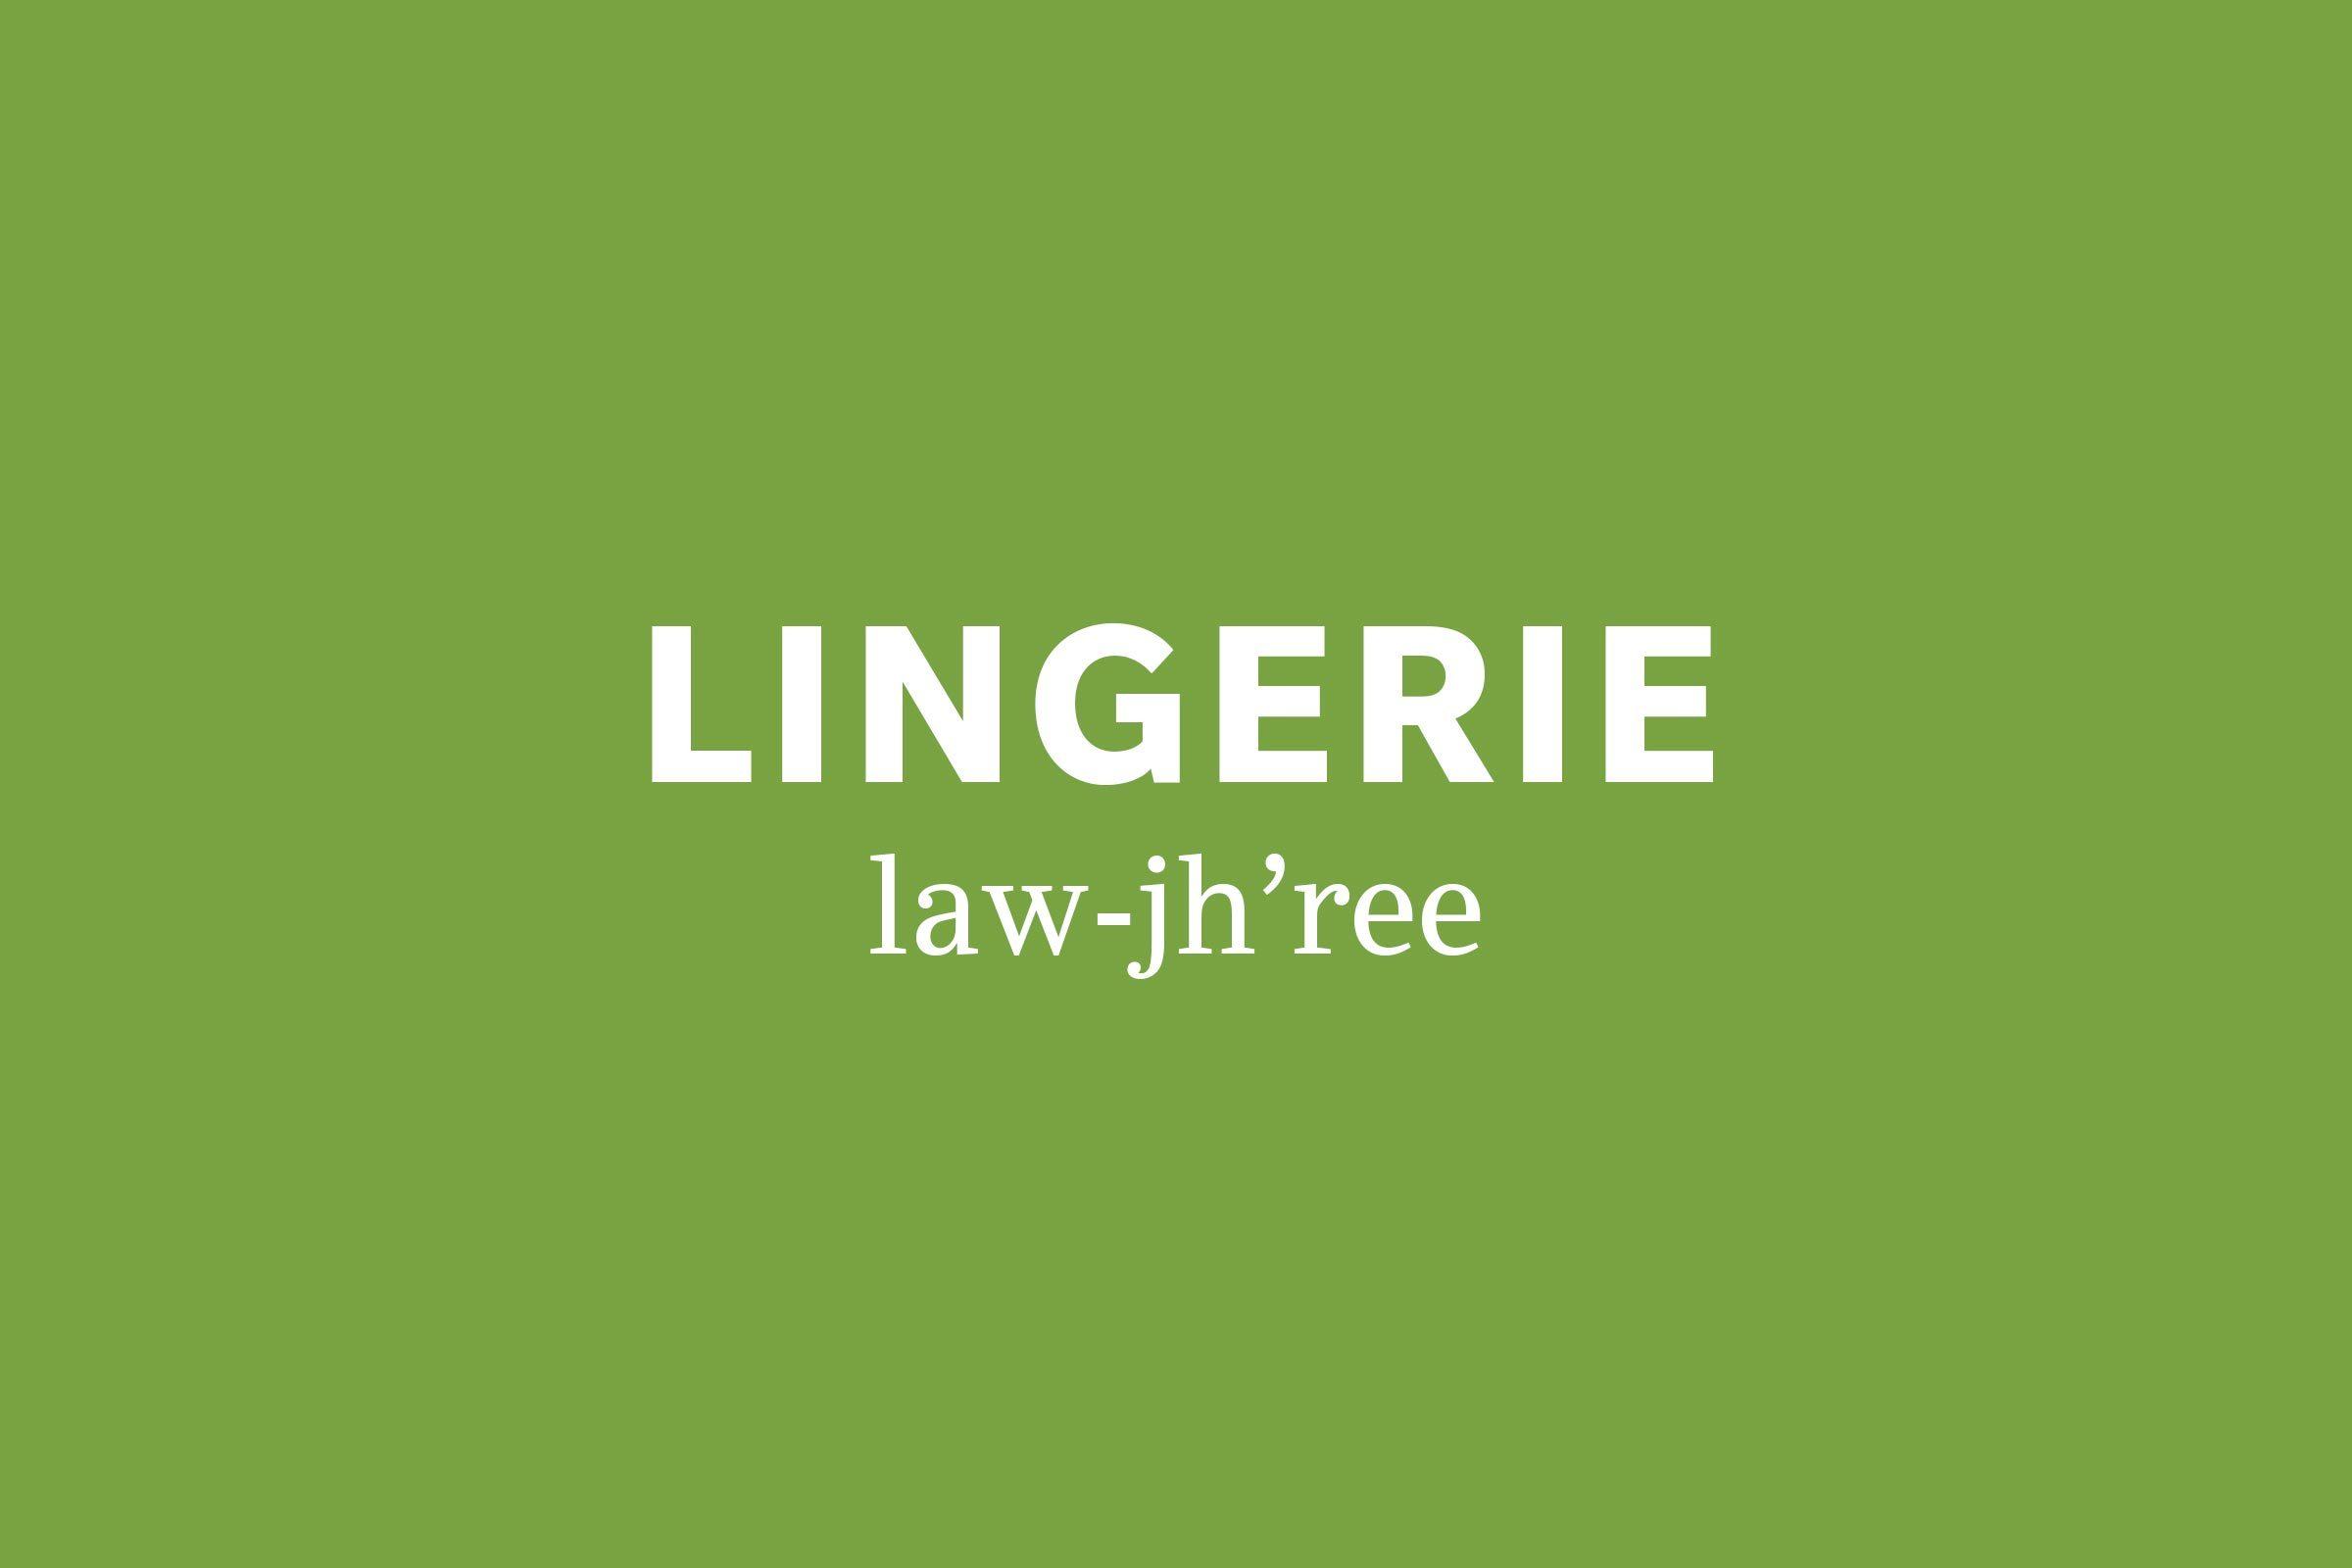 lingerie pronunciation